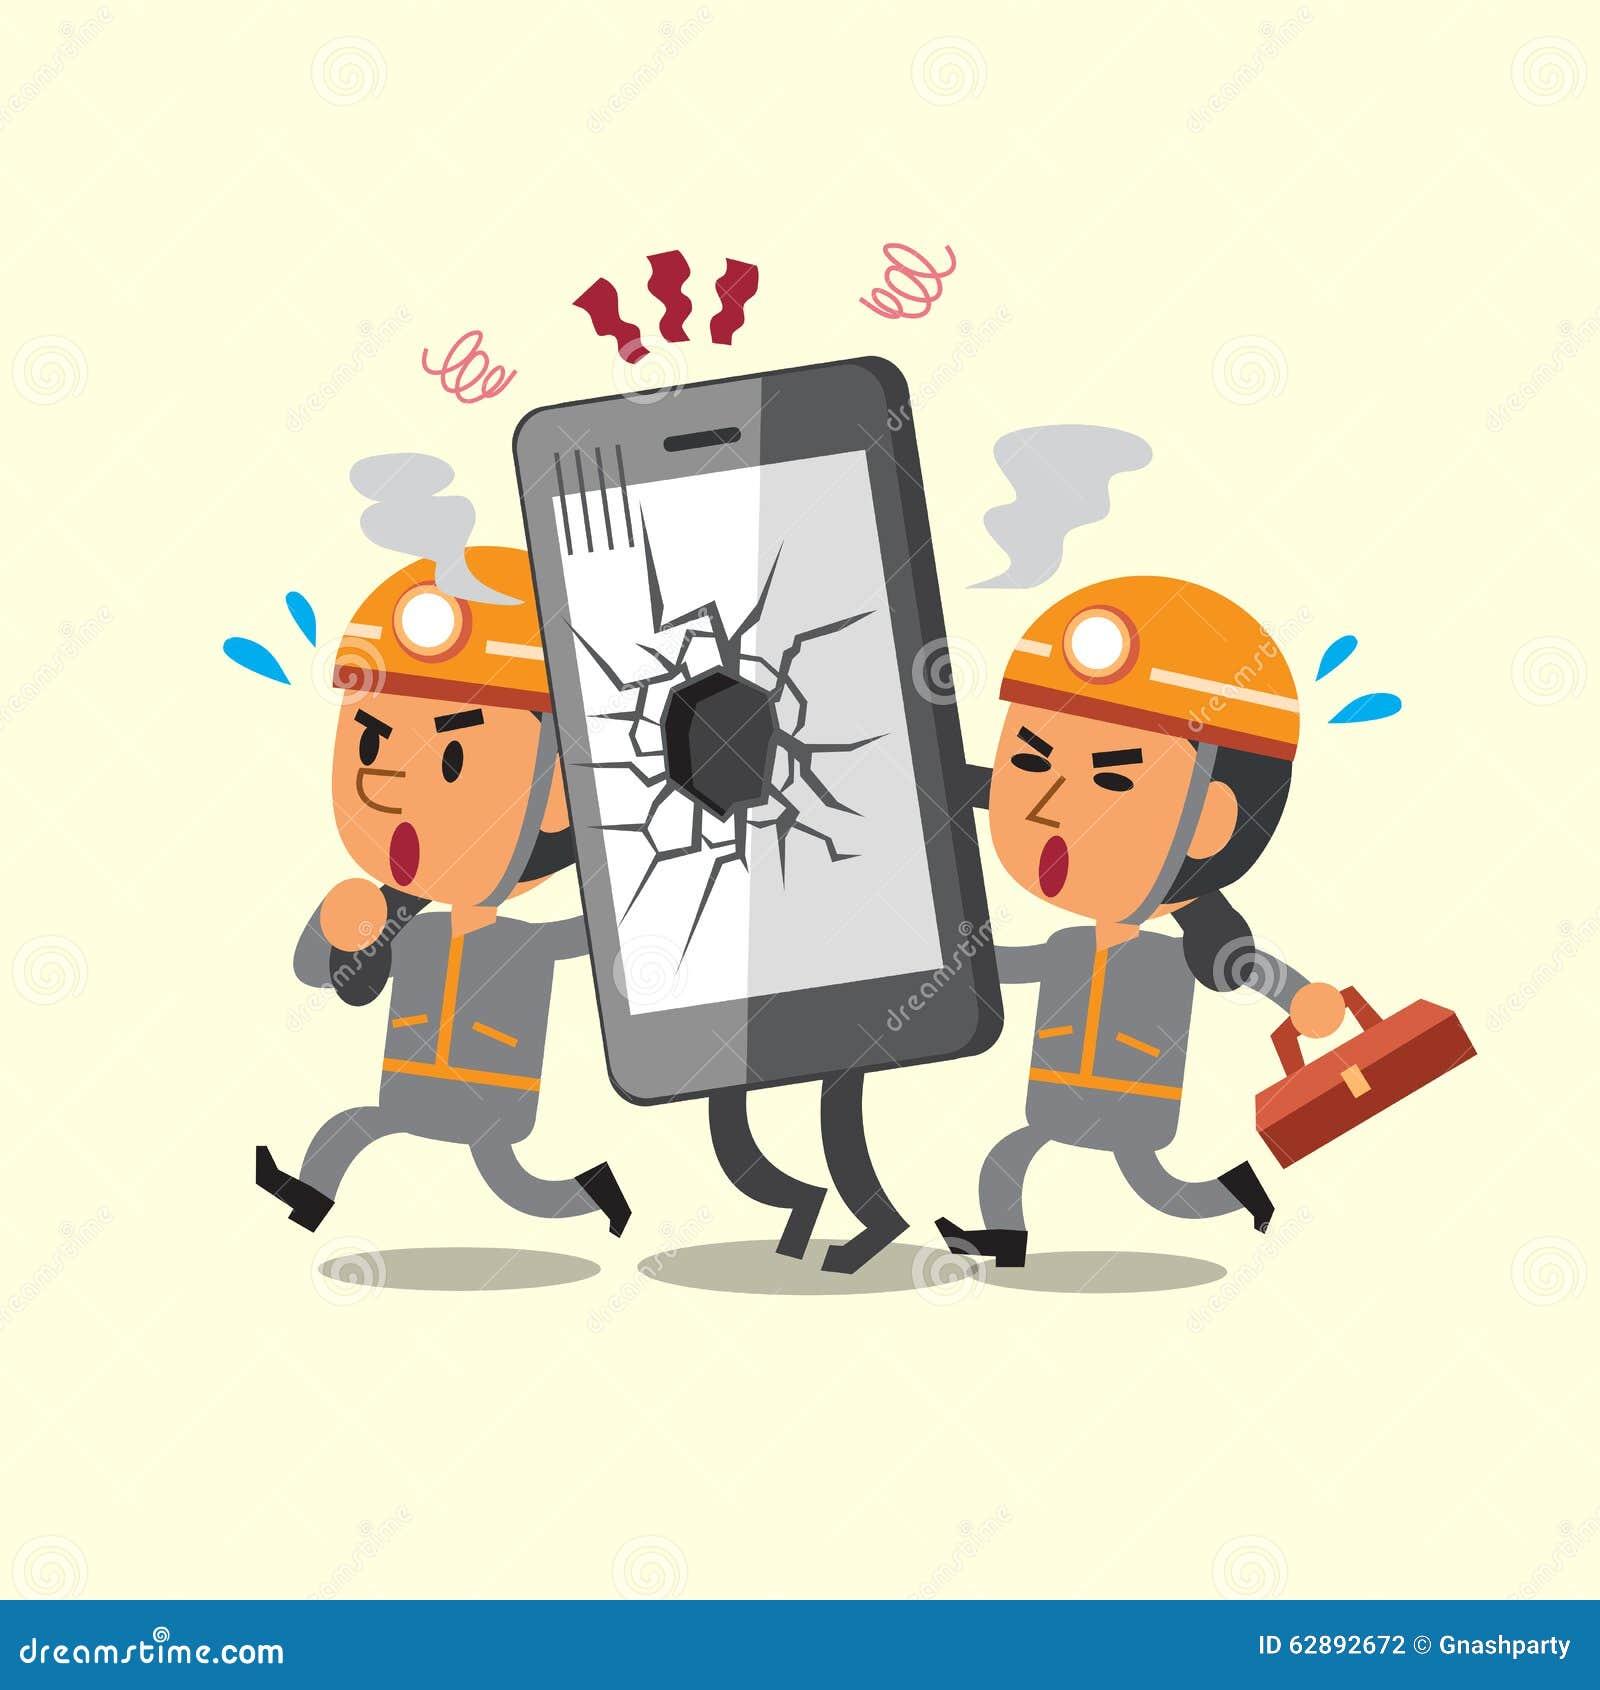 Cartoon Technicians Helping Broken Smartphone Stock Vector